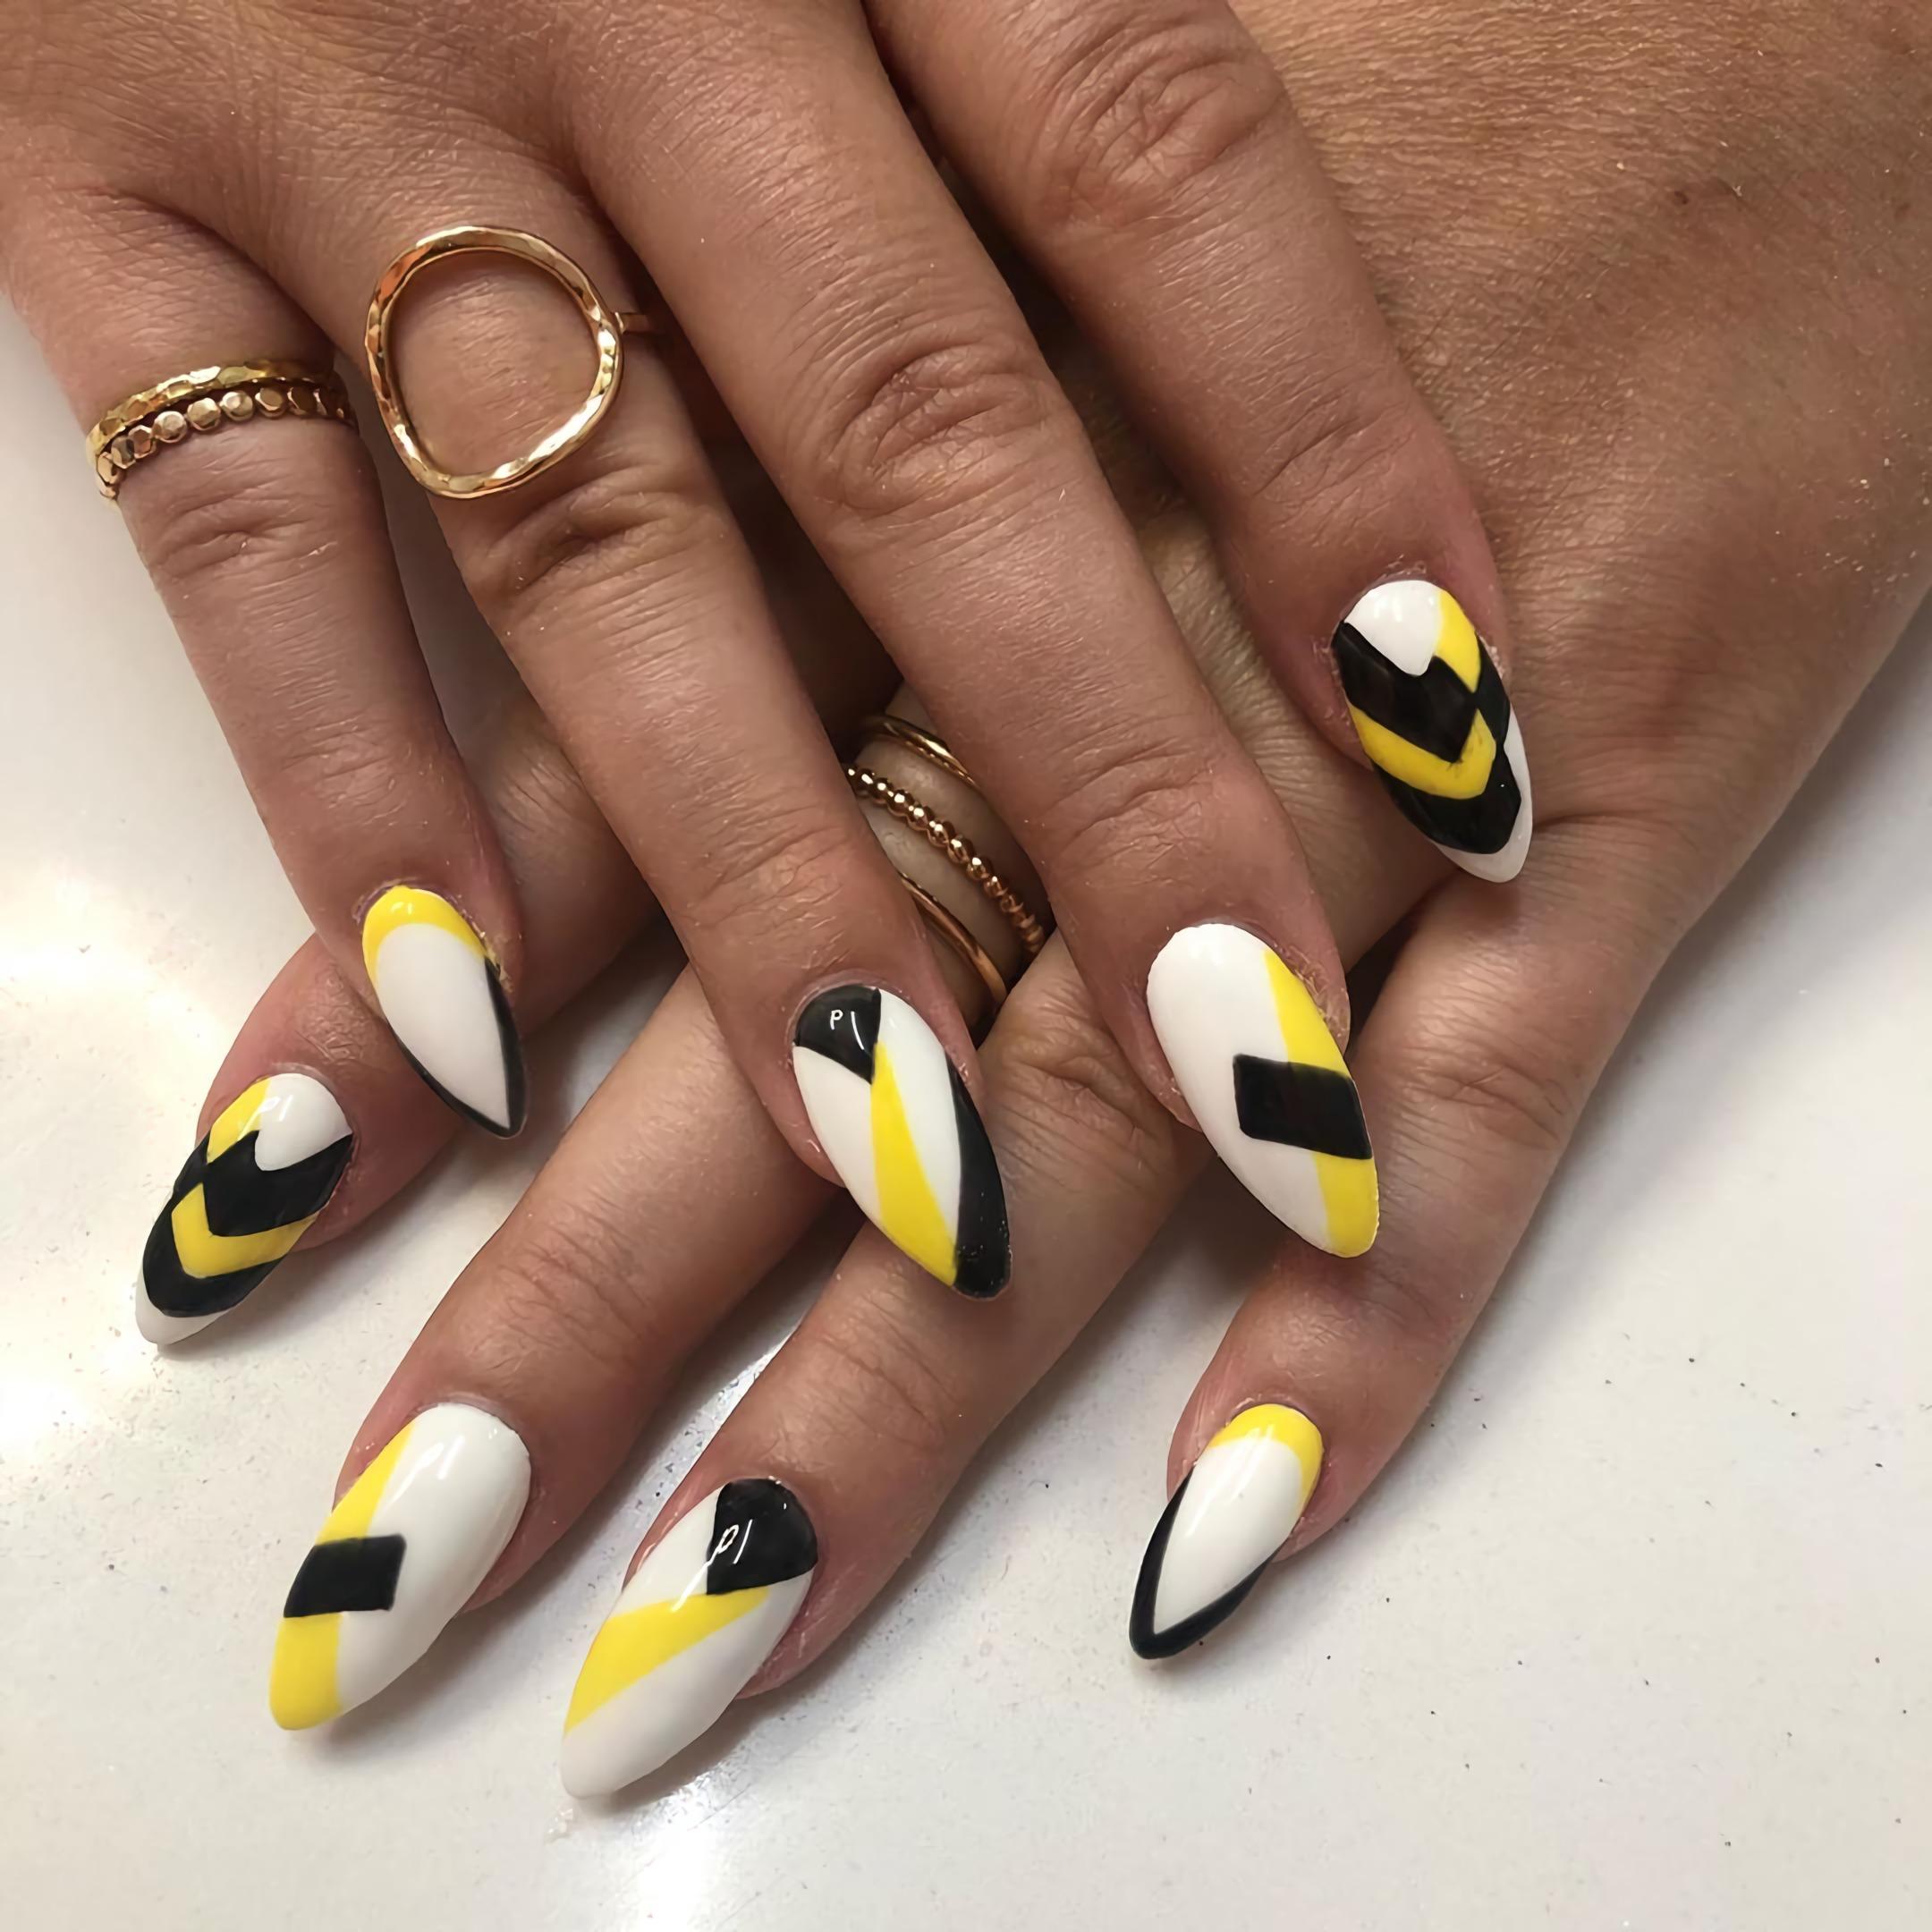 модный геометрический маникюр на короткие ногти